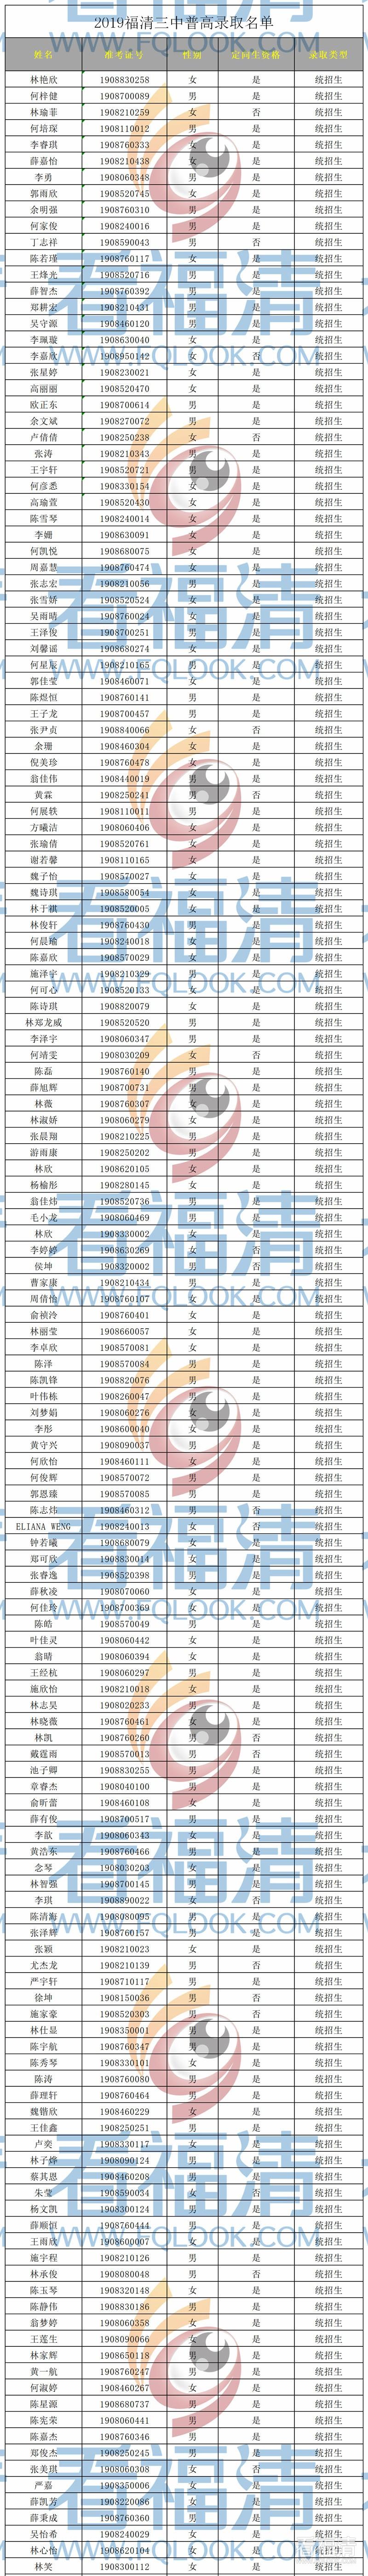 福清三中2019年高一新生录取名单